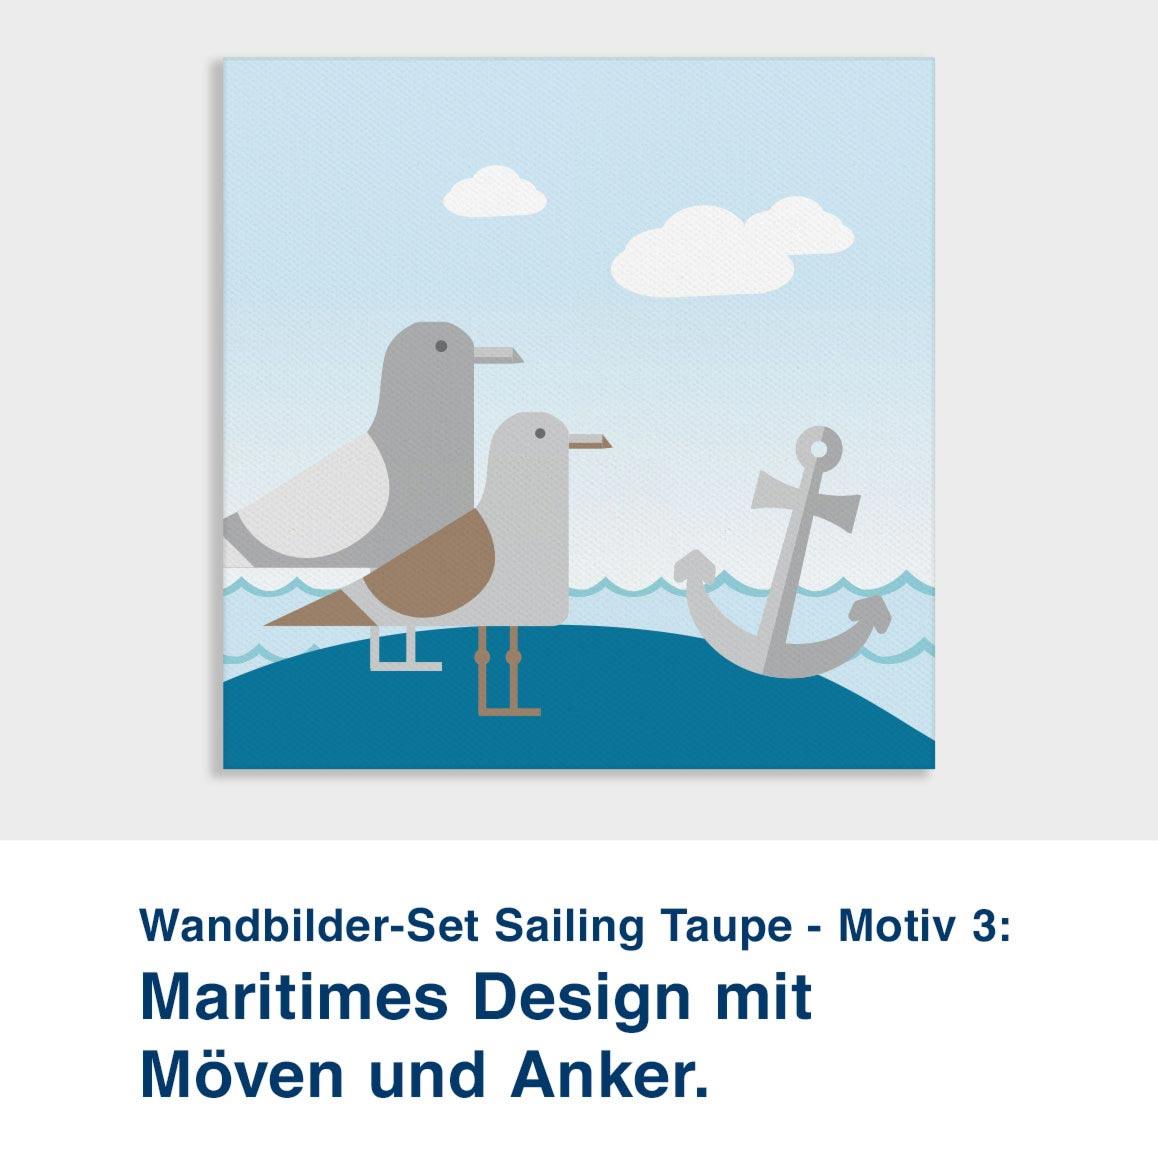 Wandbilder-Set Sailing Taupe - Motiv 3:  Maritimes Design mit  Möven und Anker.